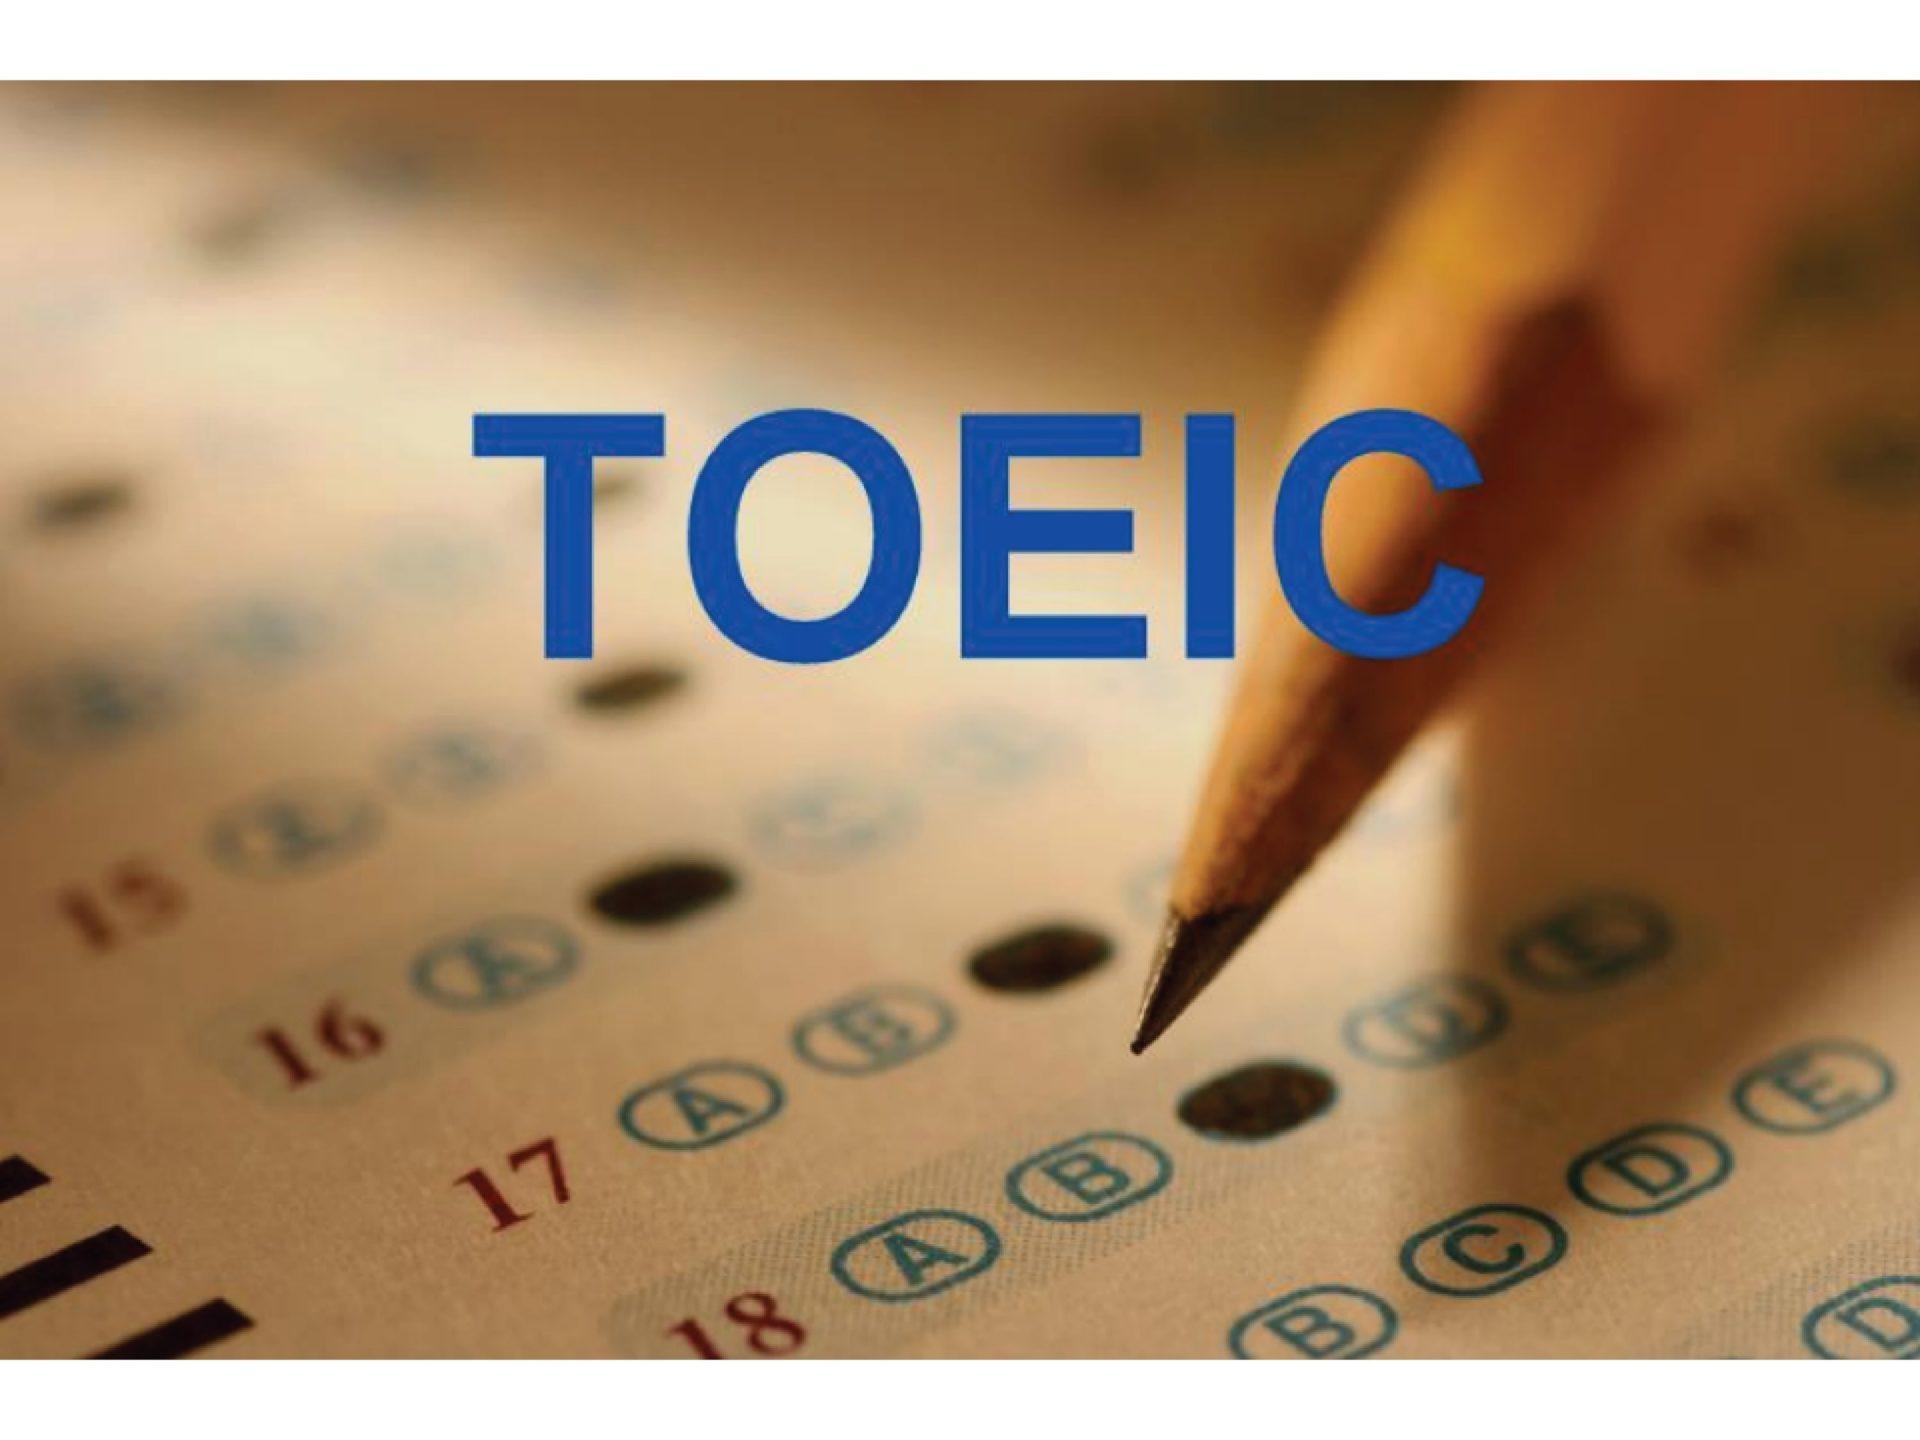 Academia CEVI: único Centro Privado Examinador del Examen TOEIC y TOELF en Albacete y provincia